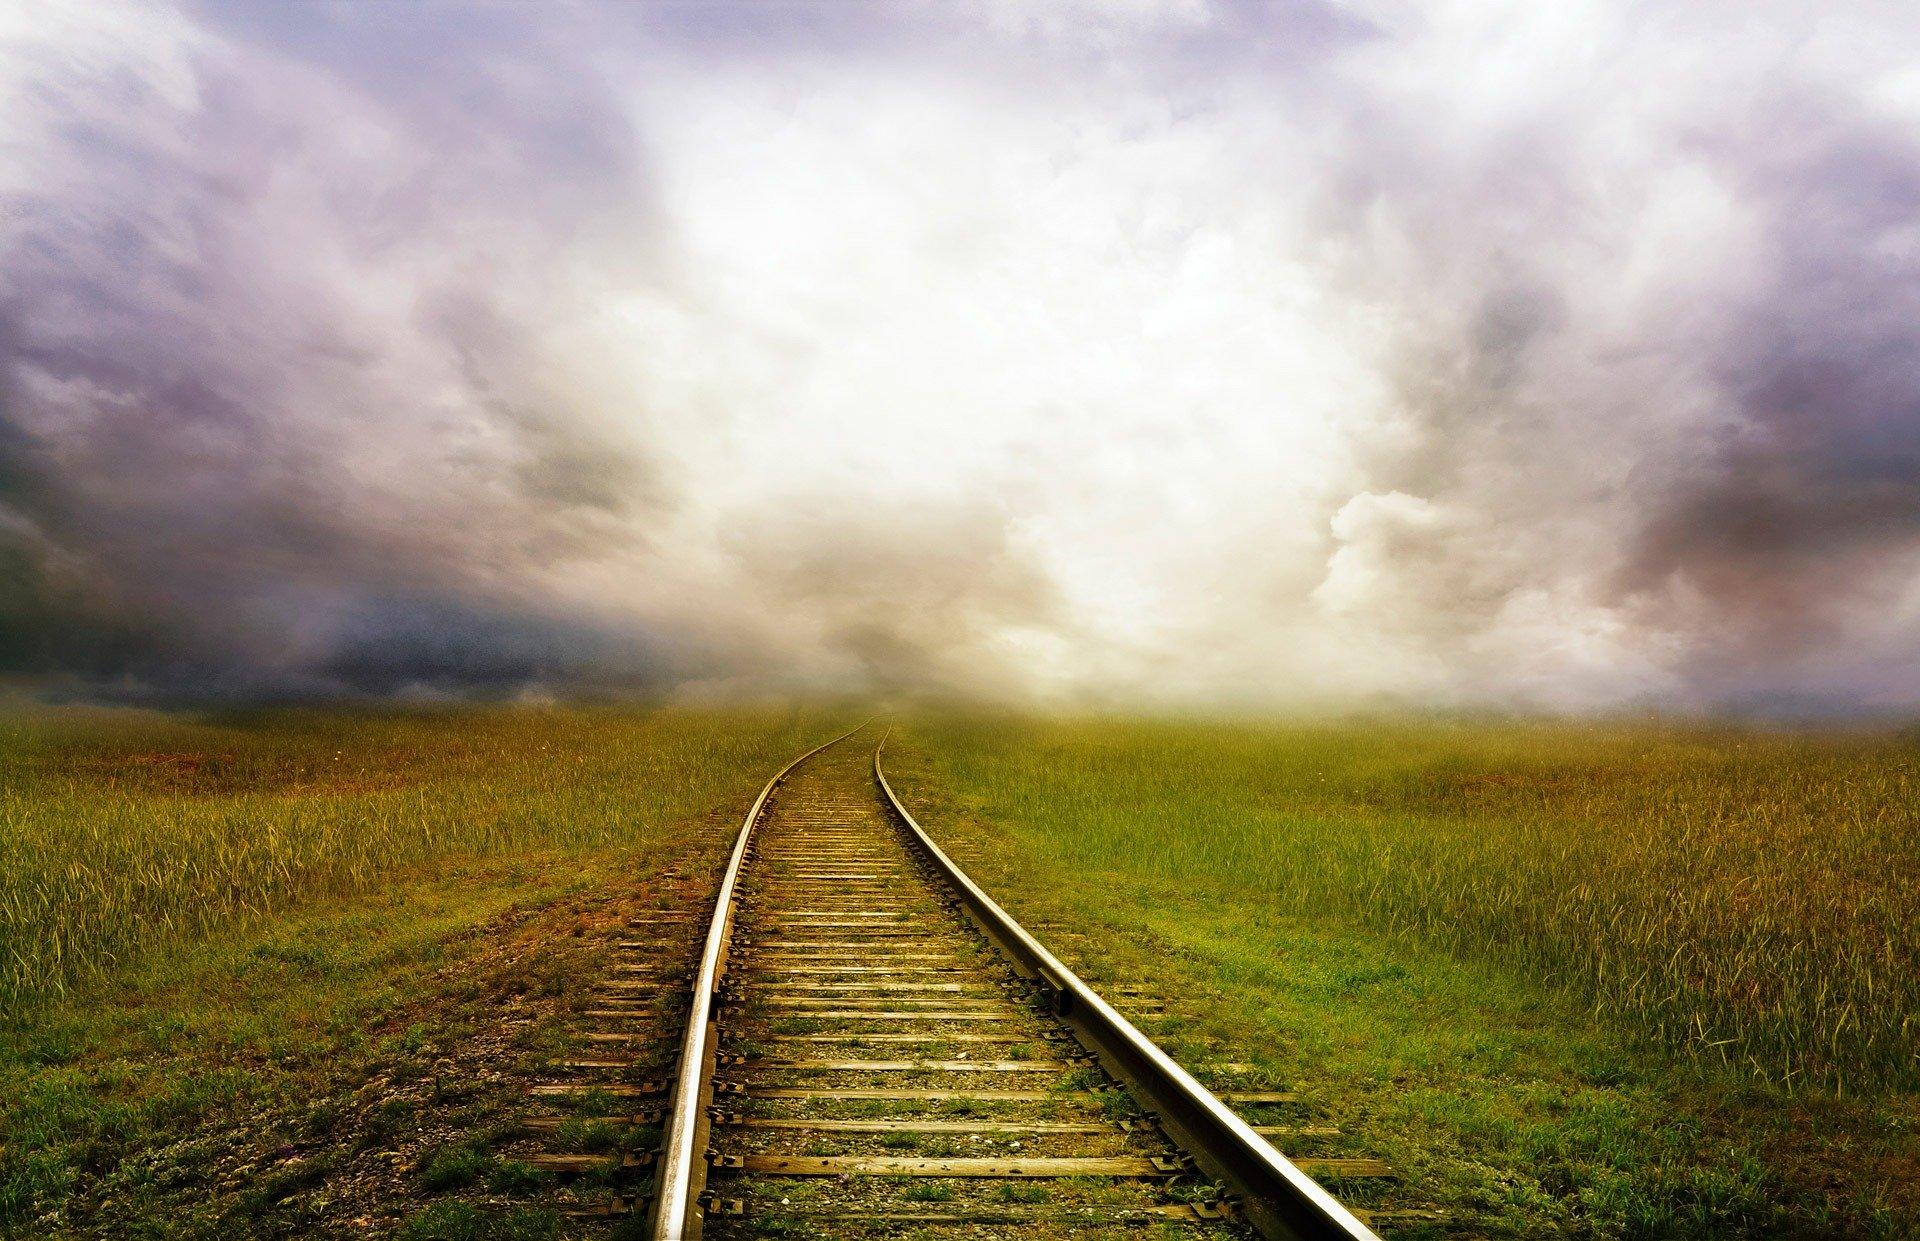 Blog seifrei.eu von Eliana Fe, den Weg nicht sehen, Lebensberatung